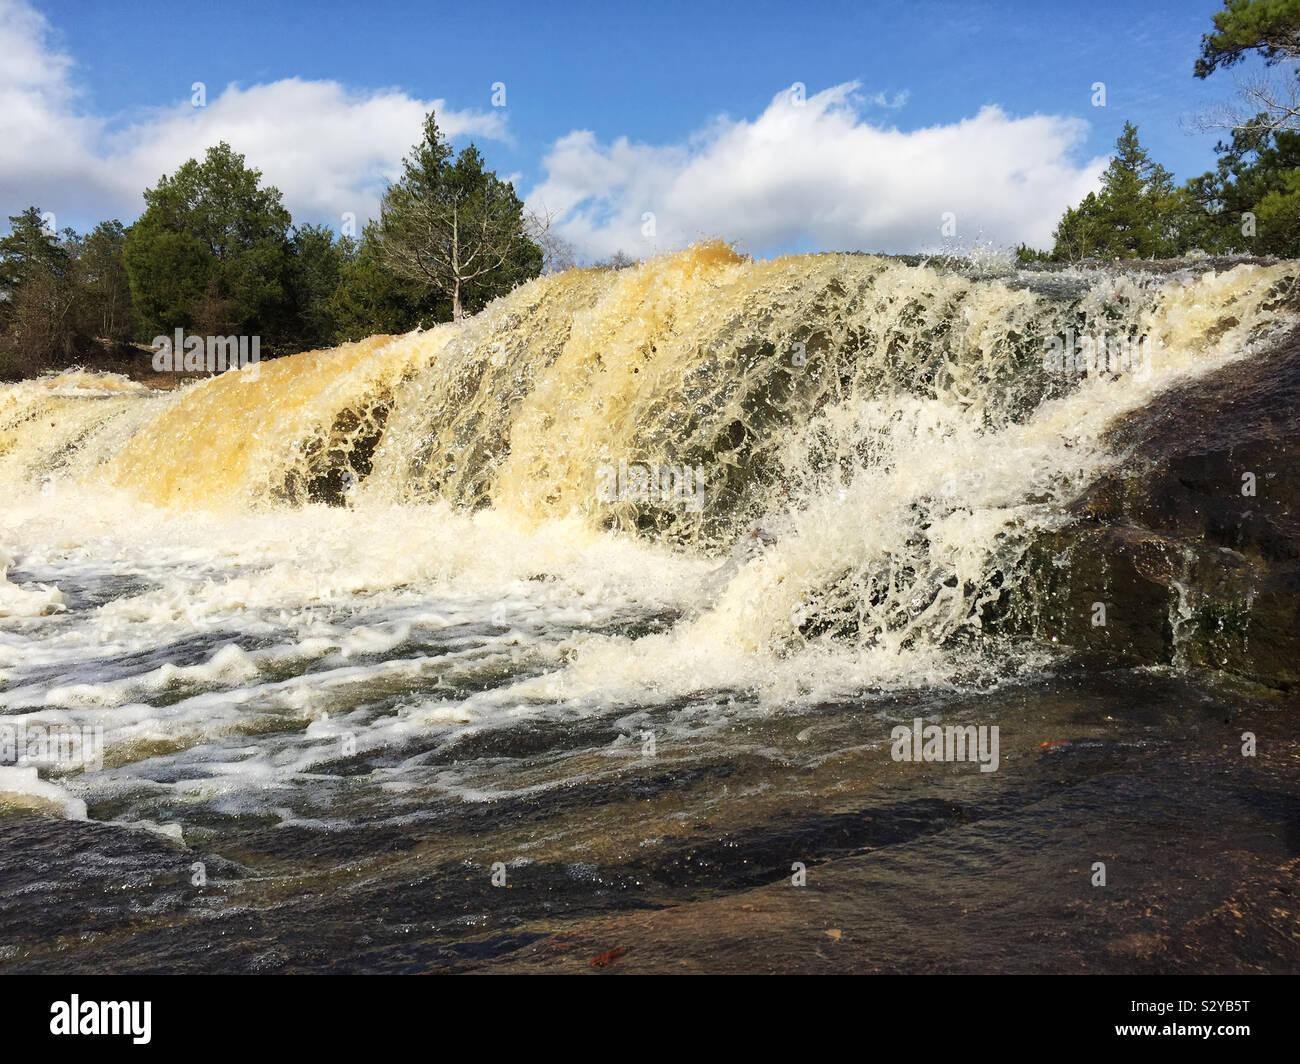 Che scorre veloce cascate e rocce intorno a una piscina esterna parco pubblico in Columbus Georgia USA dopo una forte pioggia. Foto Stock